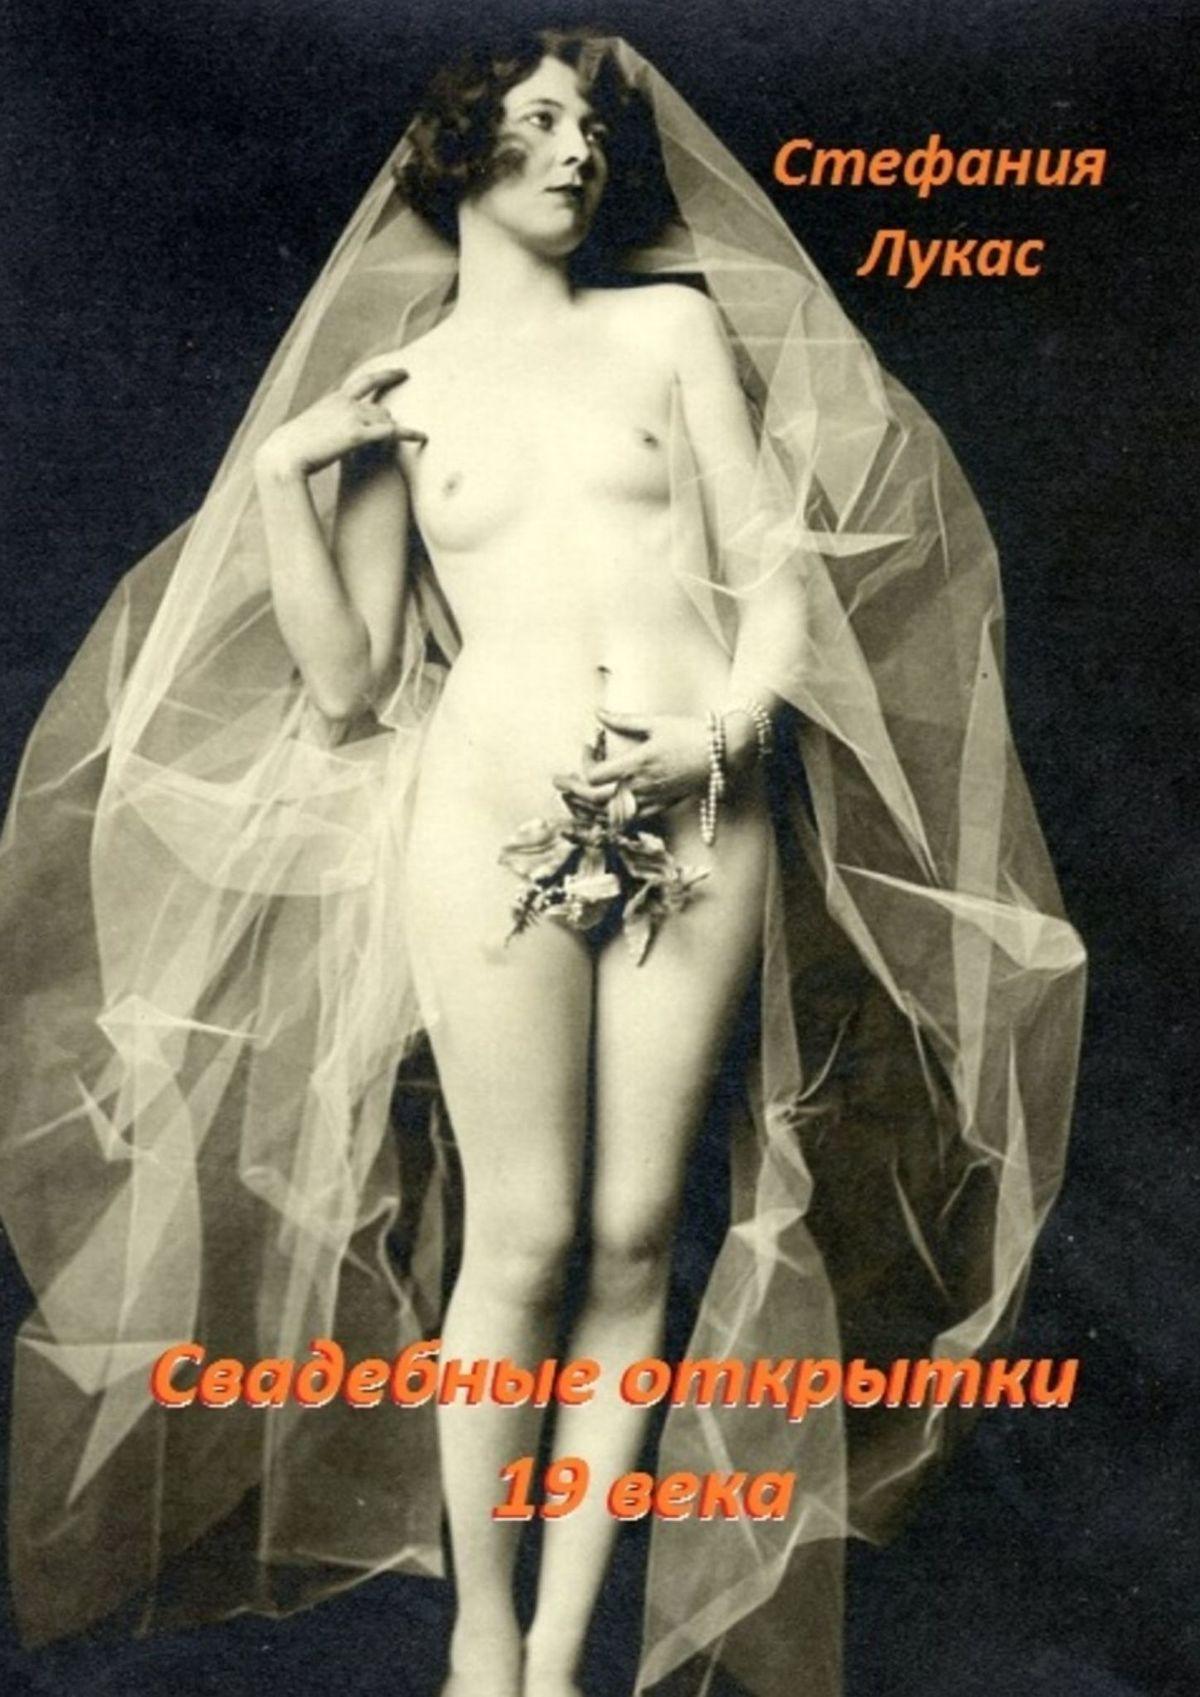 Стефания Лукас Свадебные открытки 19 века